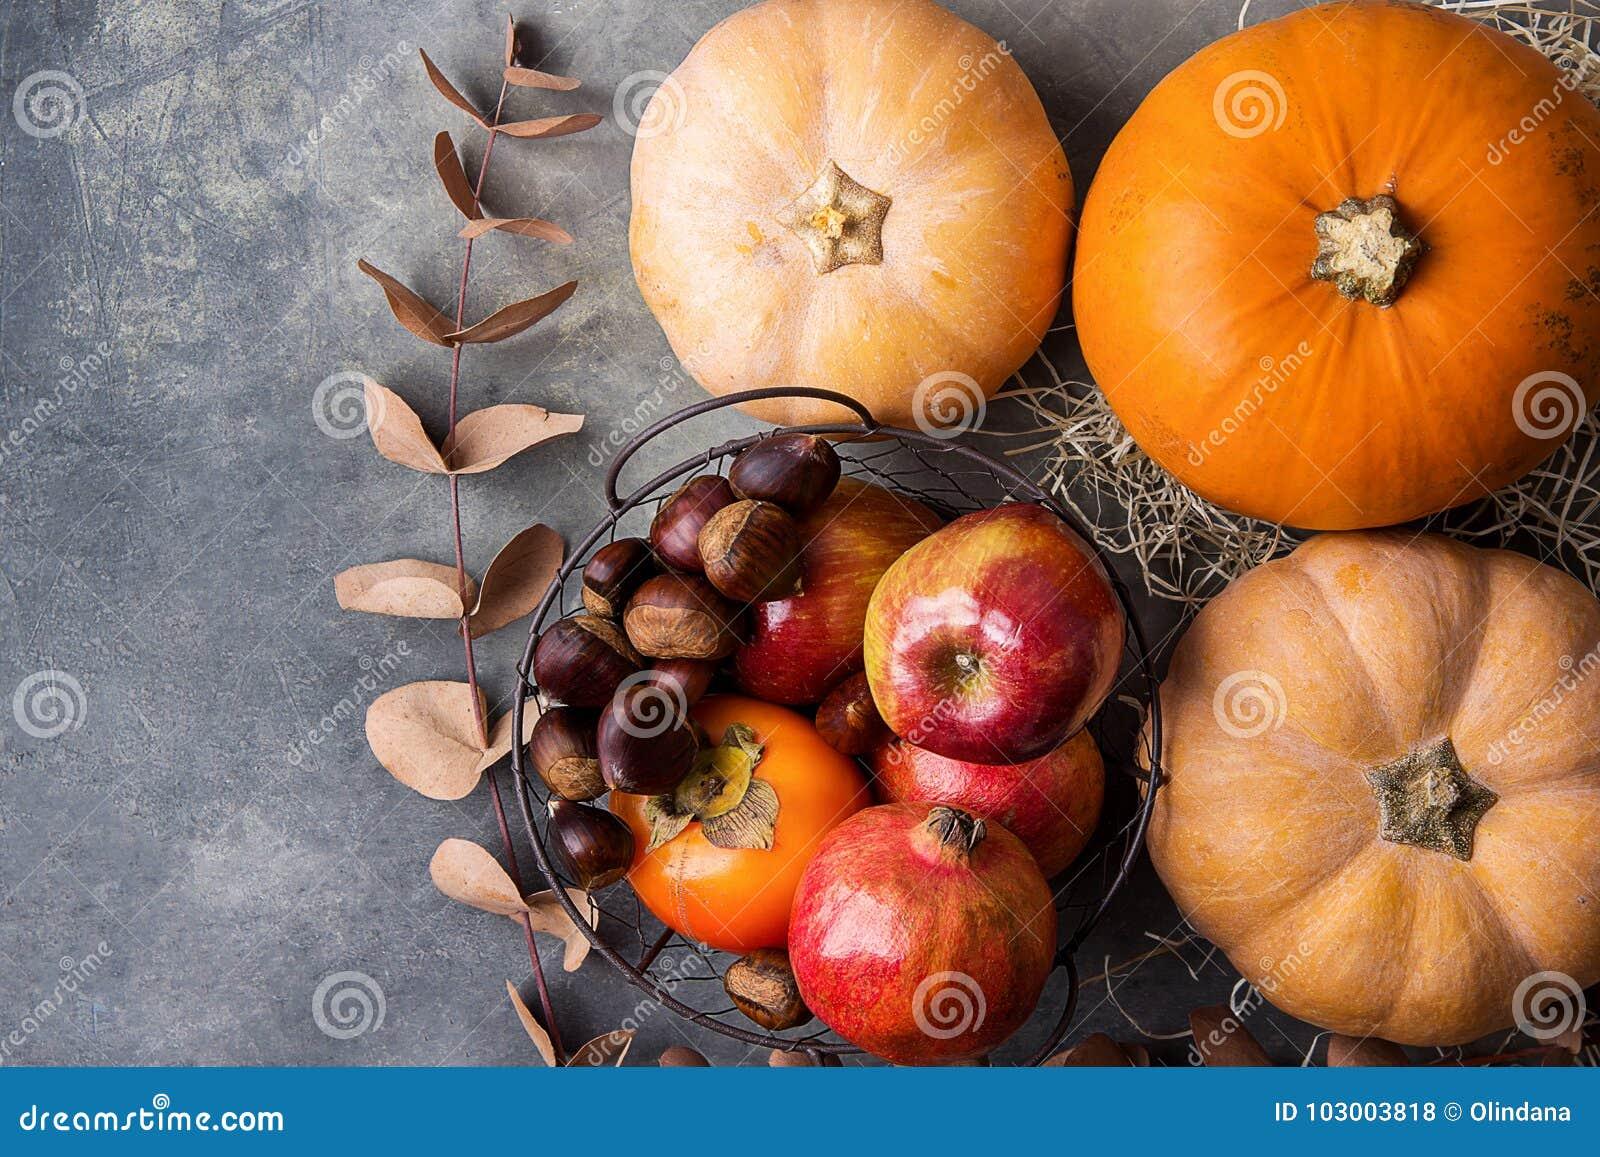 Vibrierender orange Farbkürbis-trocknen reife organische rote glatte Apfel-Granatapfel-Kastanien-Persimonen Herbst auf Grey Stone